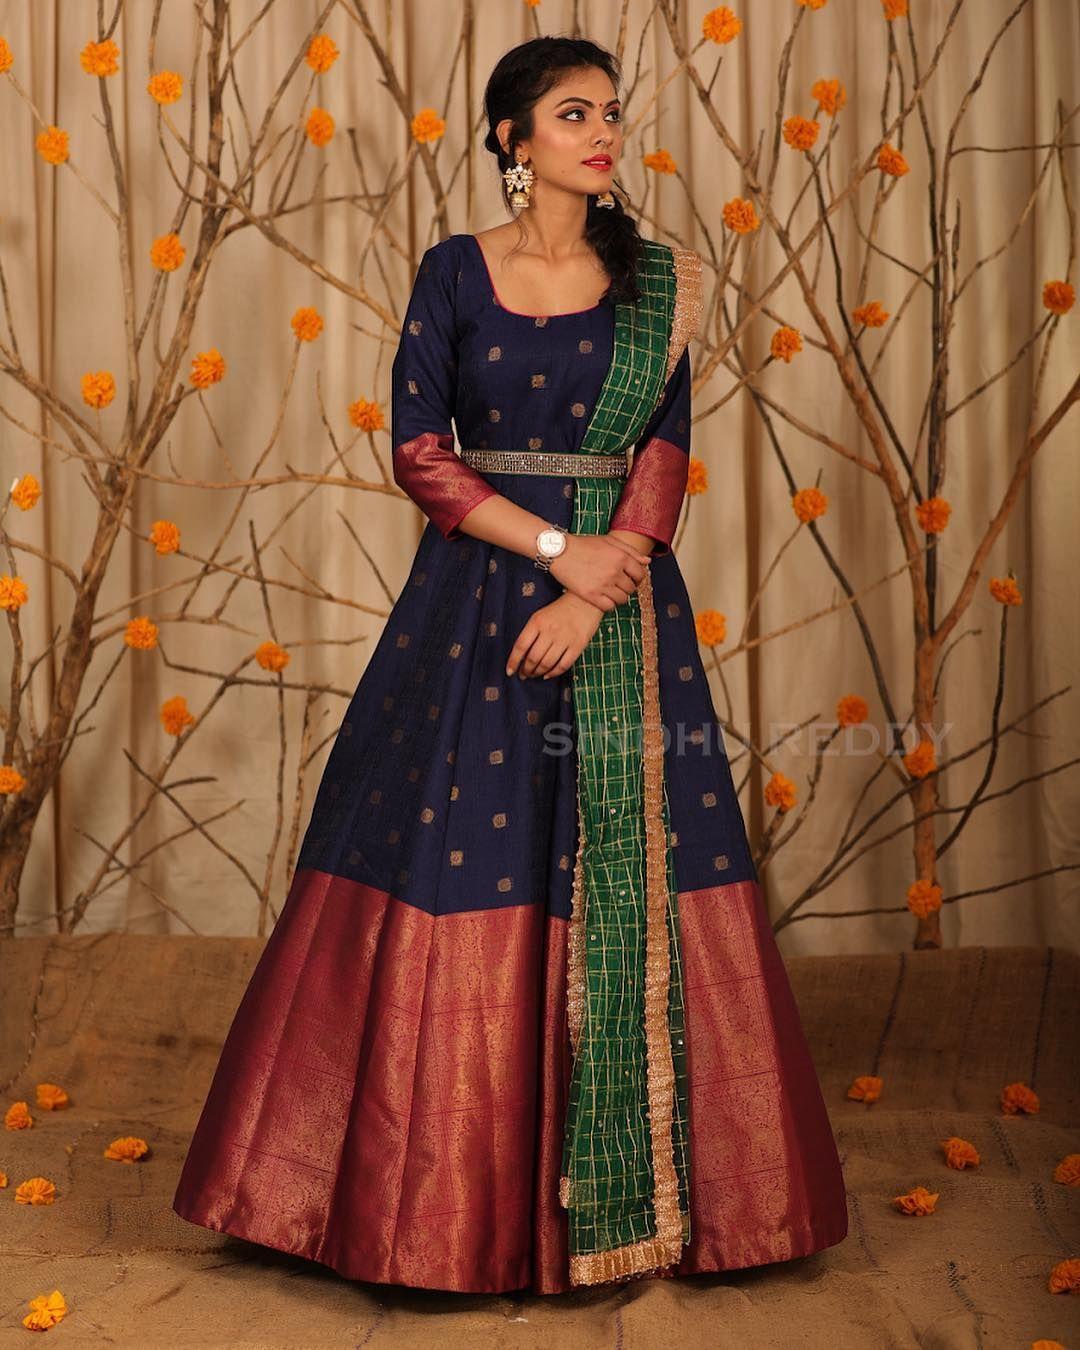 Stunning blue color floor length anarkali dres with big pattu boarder ananrkali dress also indianfashion indiandesigner punjabibride punjabisuits rh pinterest